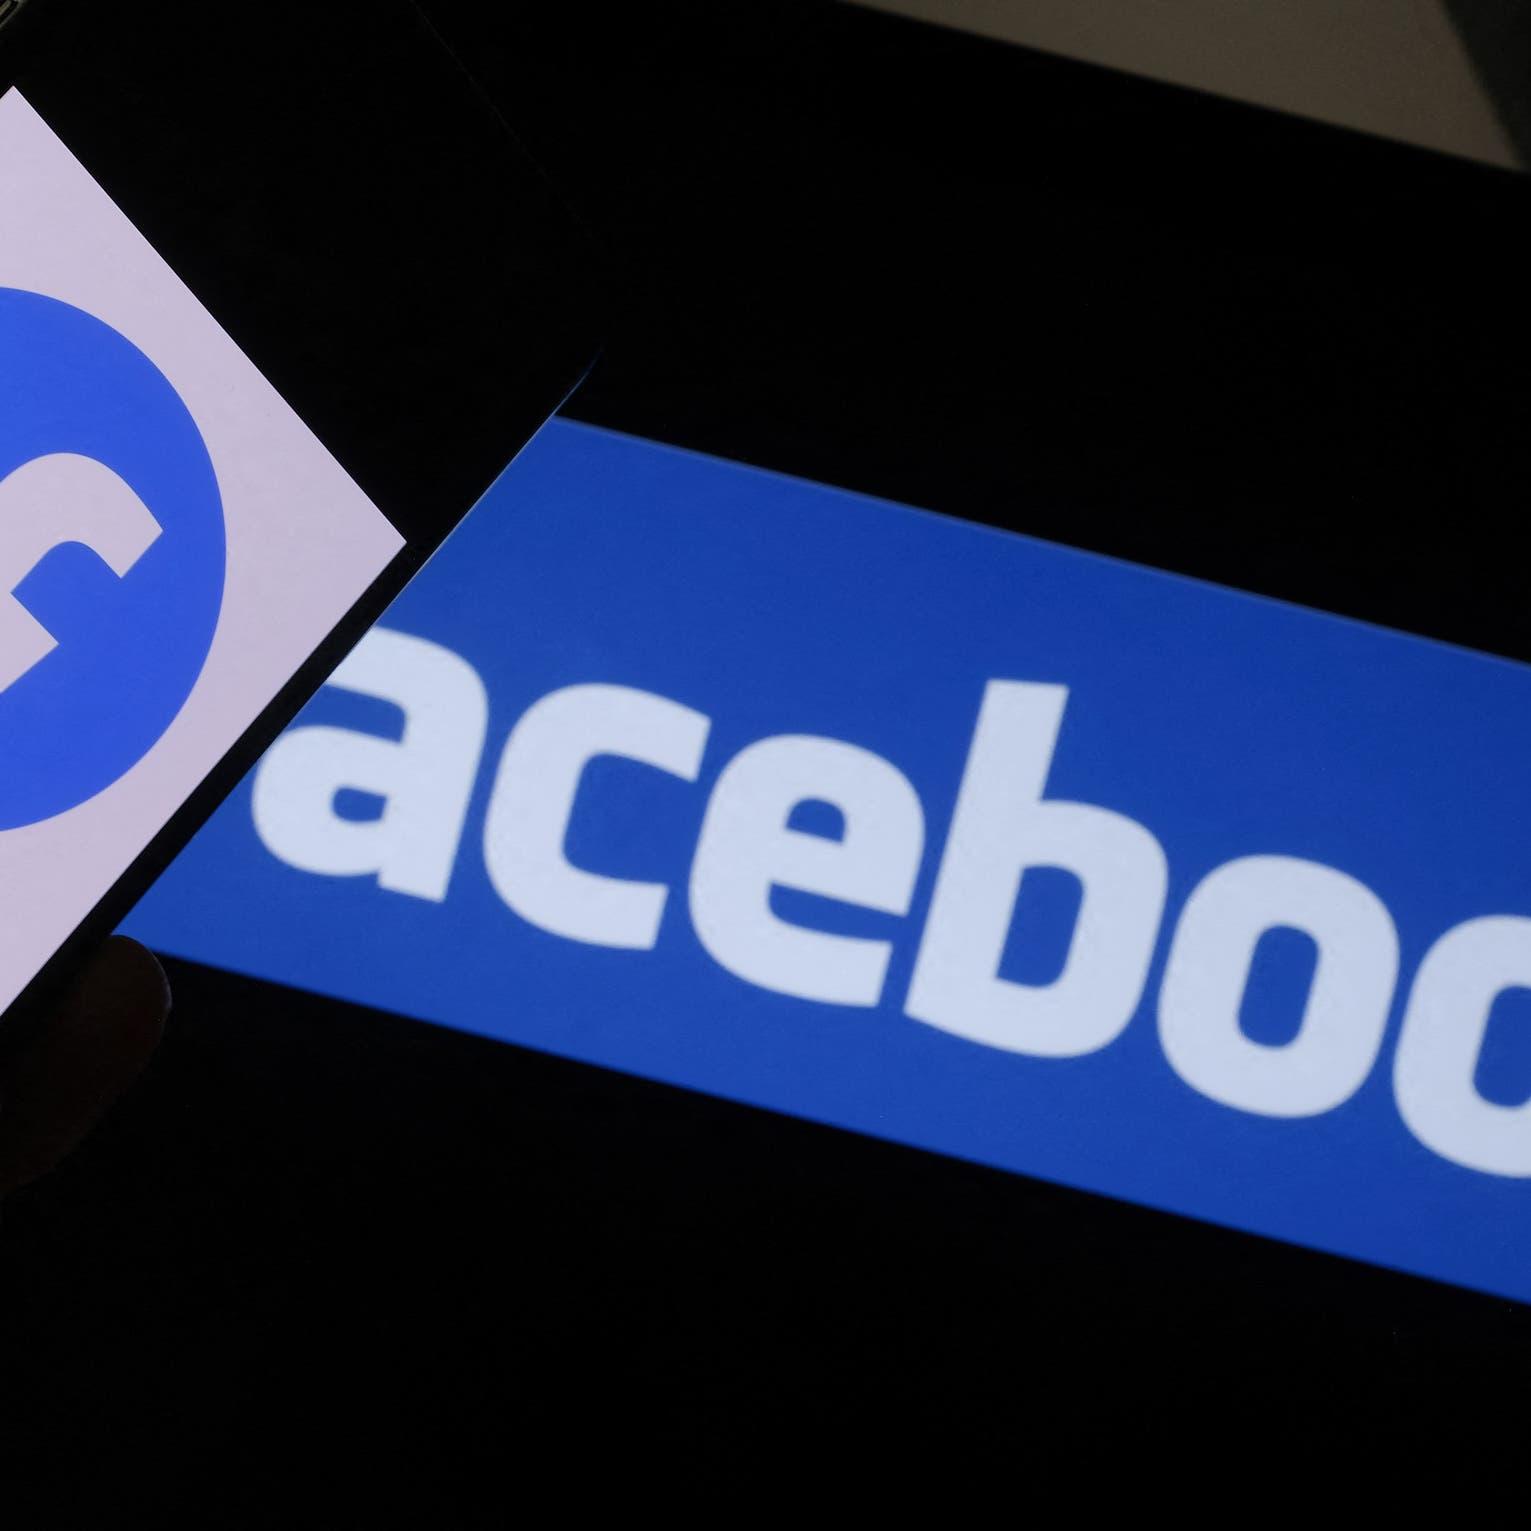 فيسبوك تحارب التنمر والتحرش.. وتزيل المحتوى الجنسي